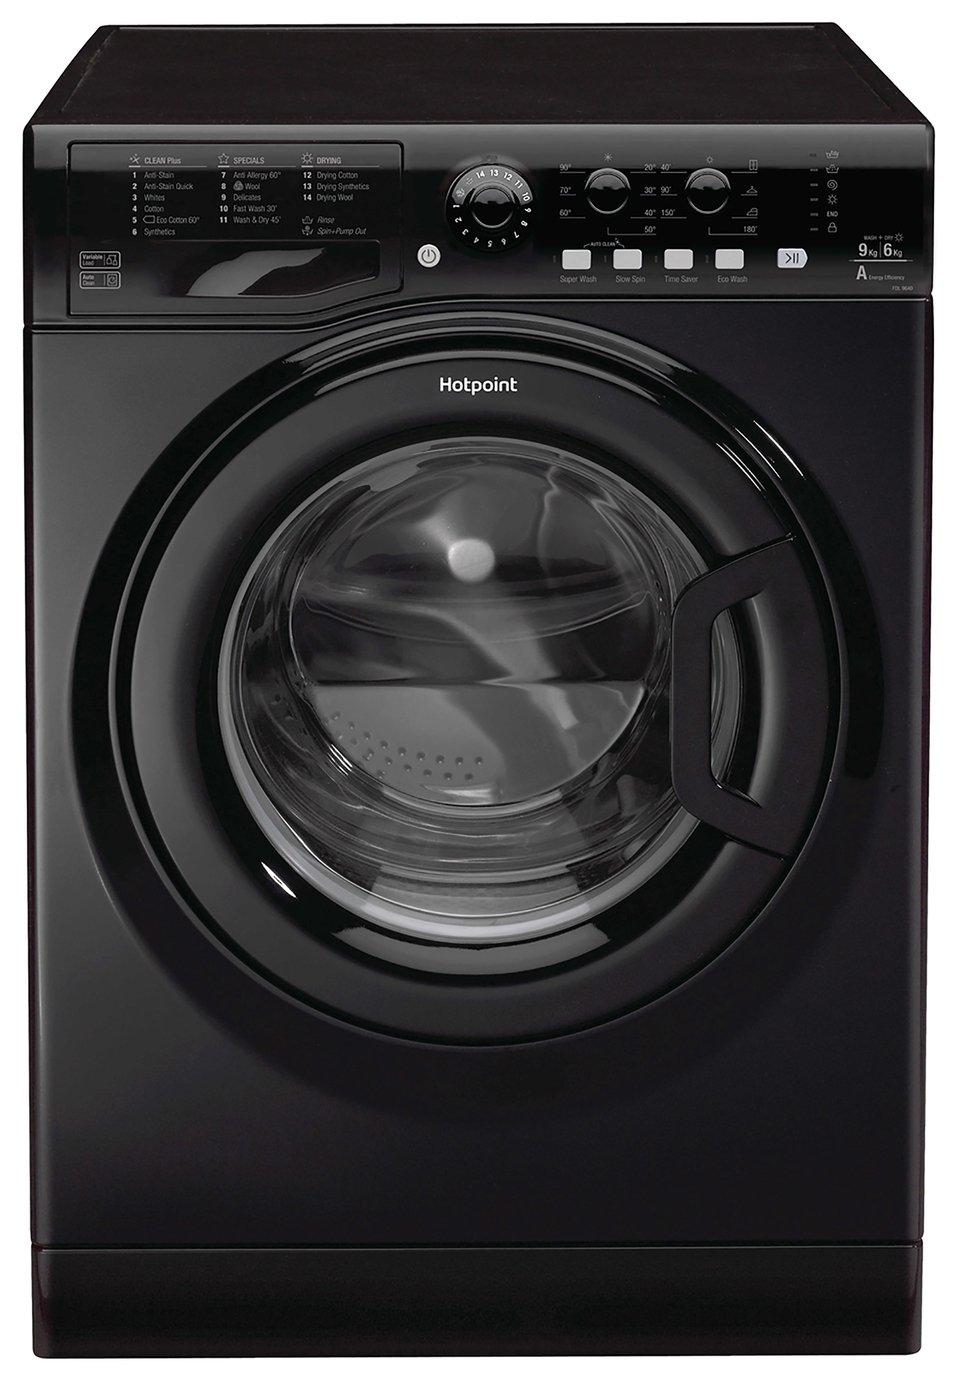 Hotpoint FDL9640KUK 9KG / 6KG 1400 Spin Washer Dryer - Black